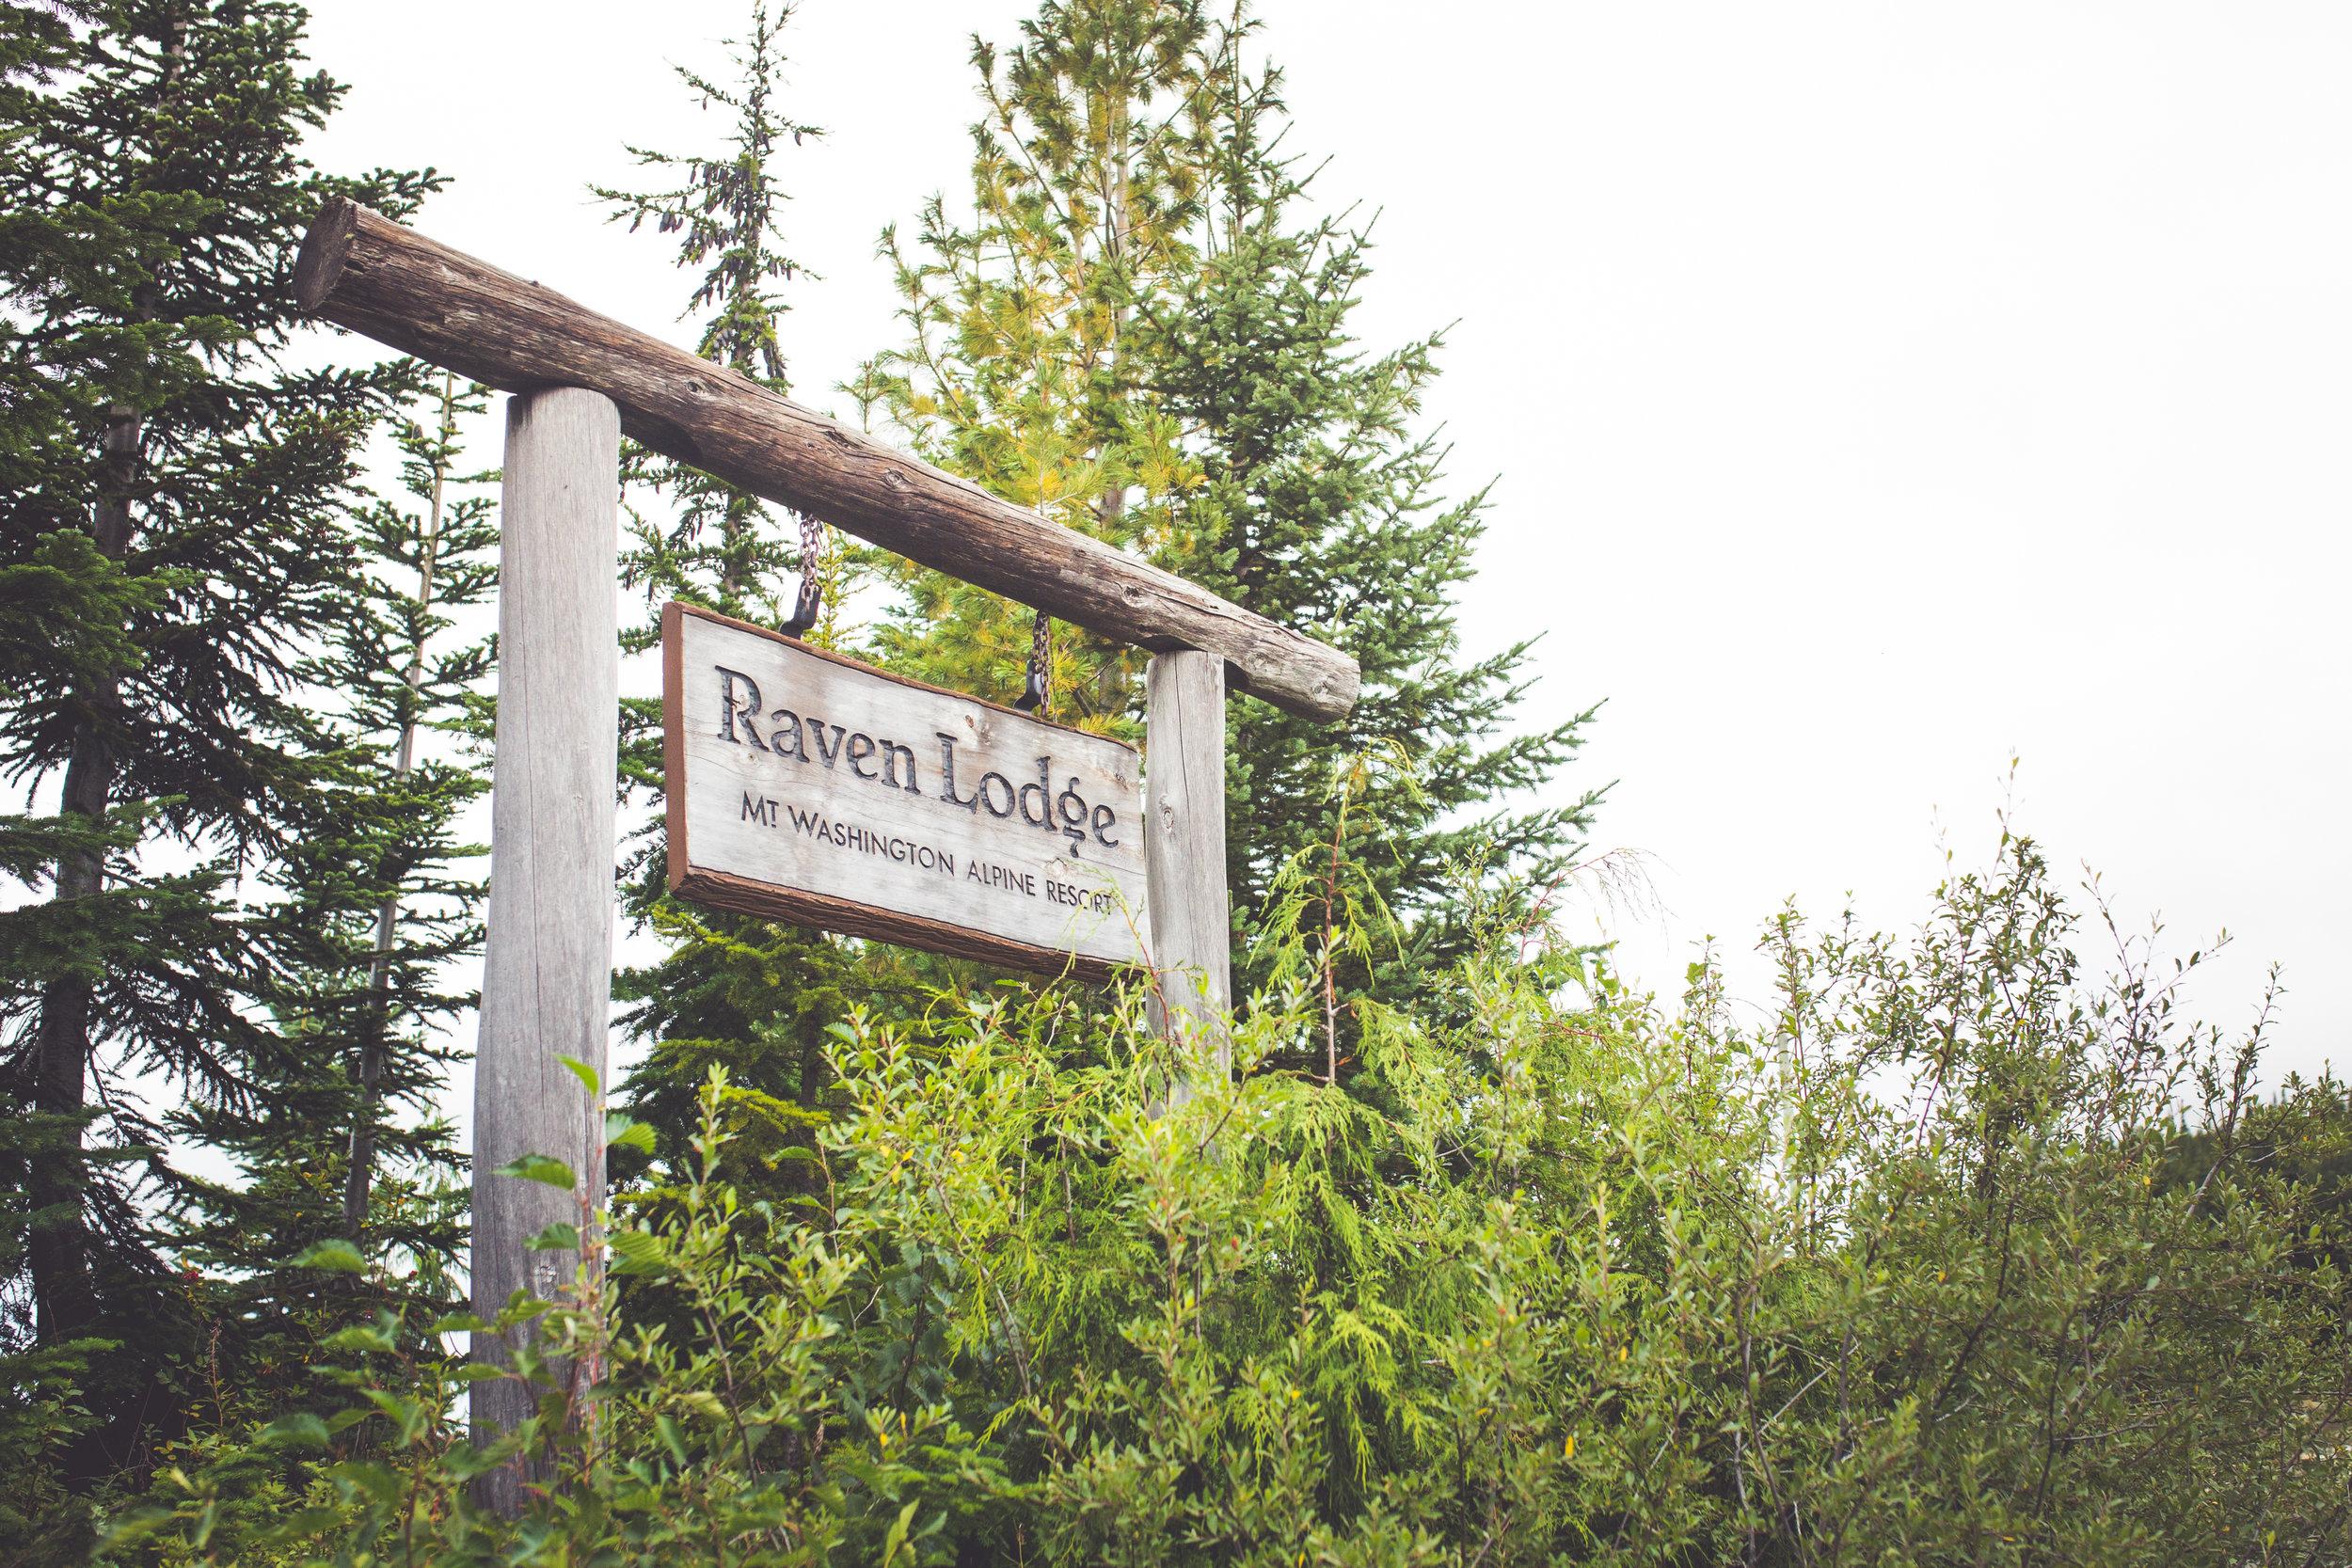 raven lodge sign at mount washington resort